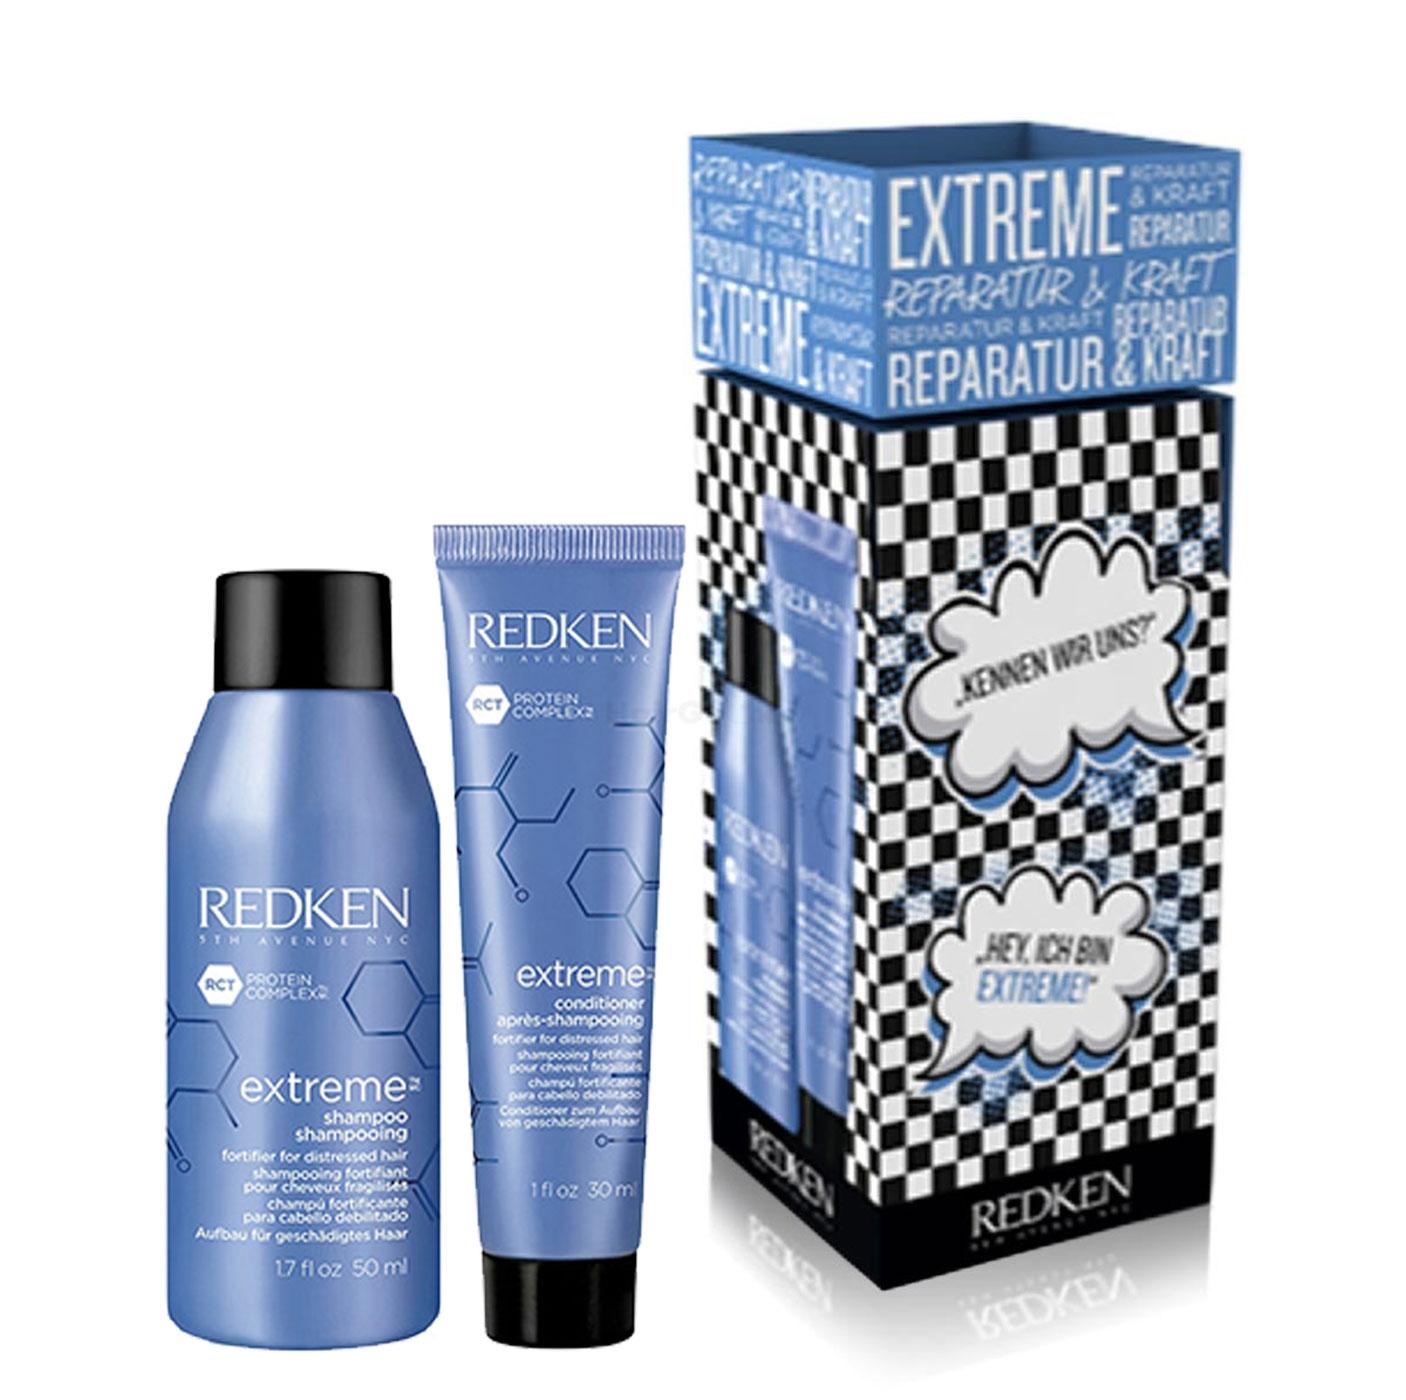 Redken Extreme mini Set - Shampoo 50ml + Conditioner 30ml - Probierset, Probiergröße, Reisegröße Urlaub